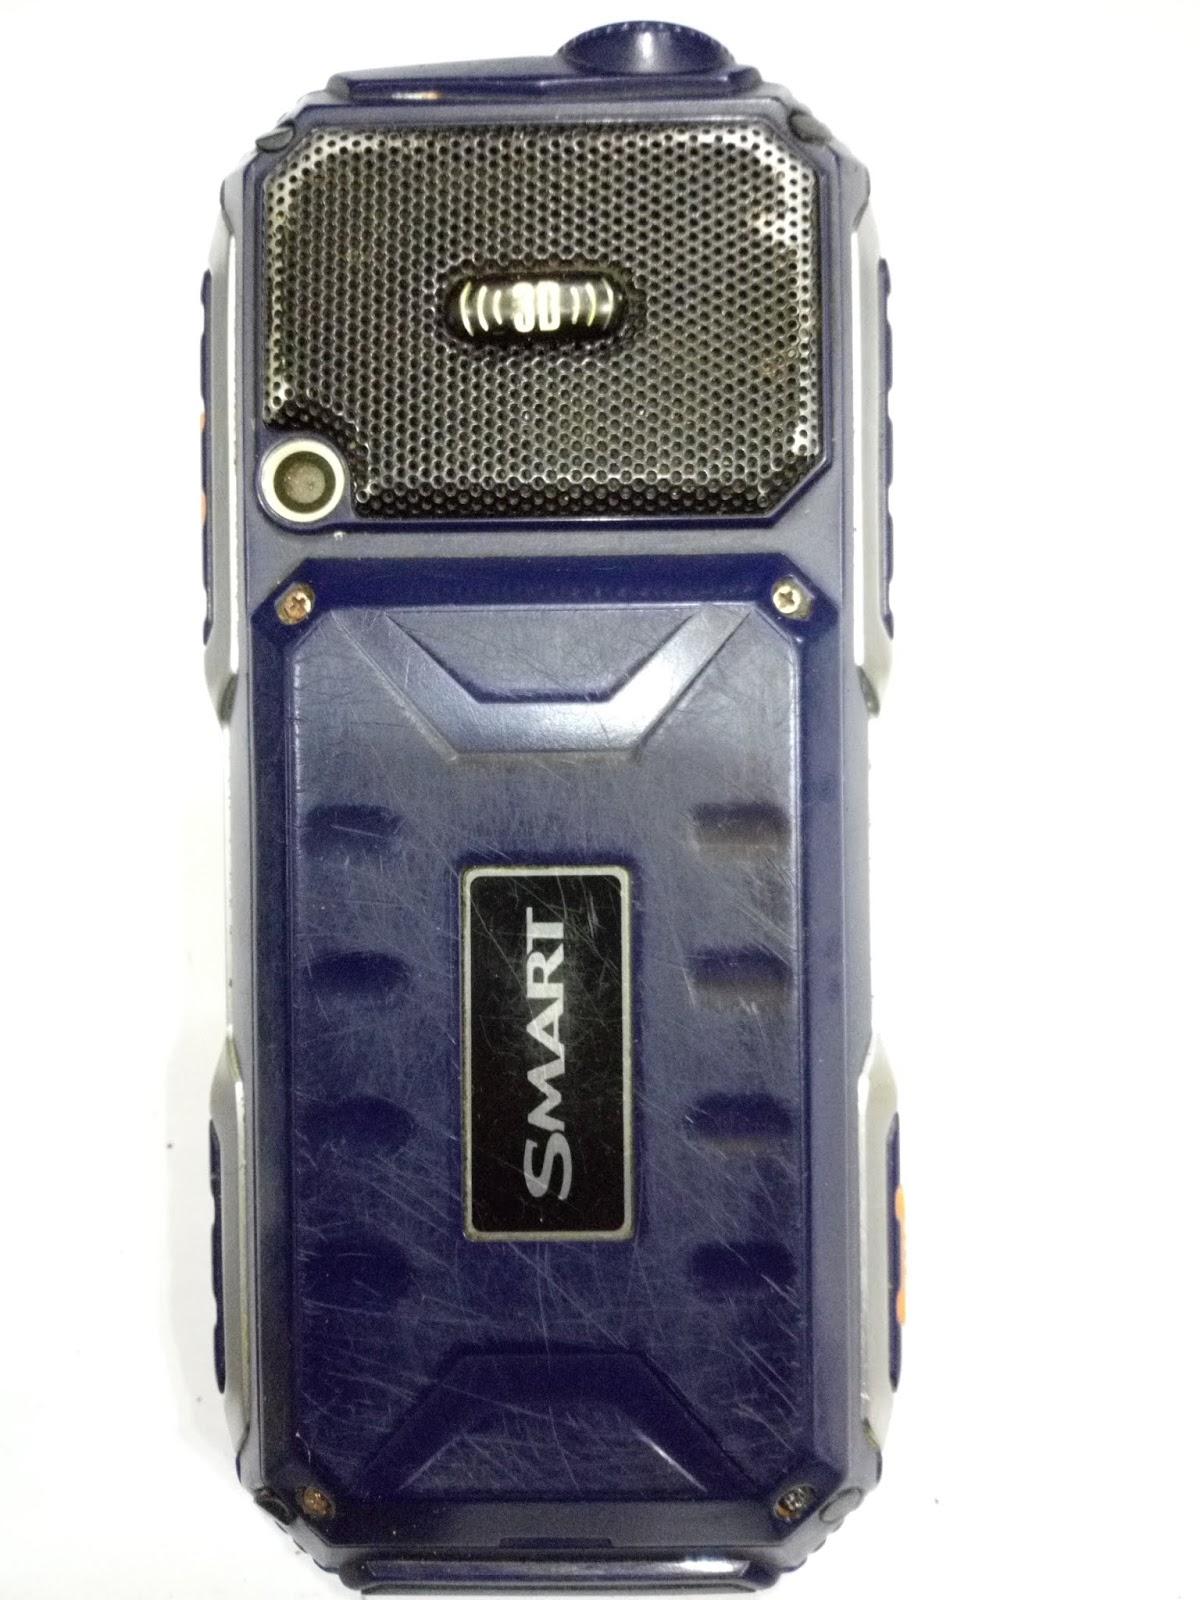 SMART S-32 Firmware www.gsmnote.blogspot.com